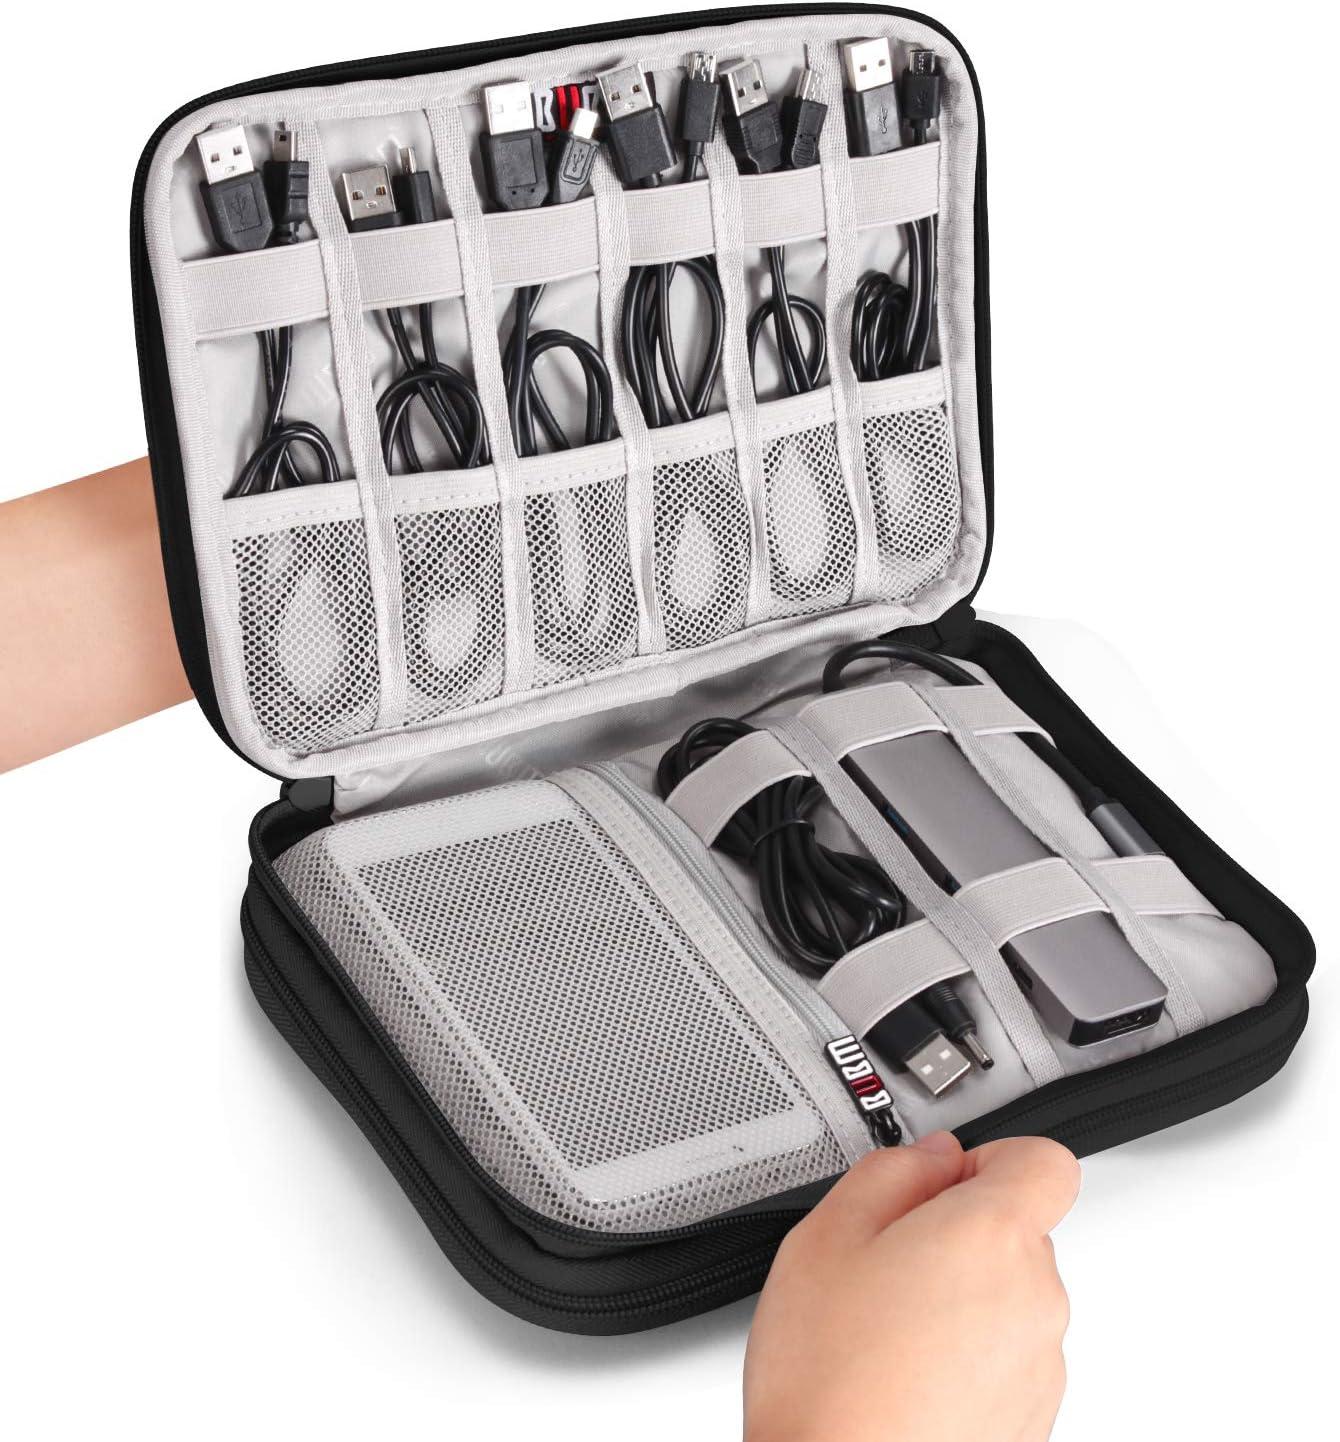 ODLICNO Electrónico Organizador de Cable Bolsa,Universal de Oficina/Viaje Kit de Accesorios Electrónico Bolsa Adecuado para Disco Duro/Tarjeta de Memoria/Cable de Alimentación-Negro